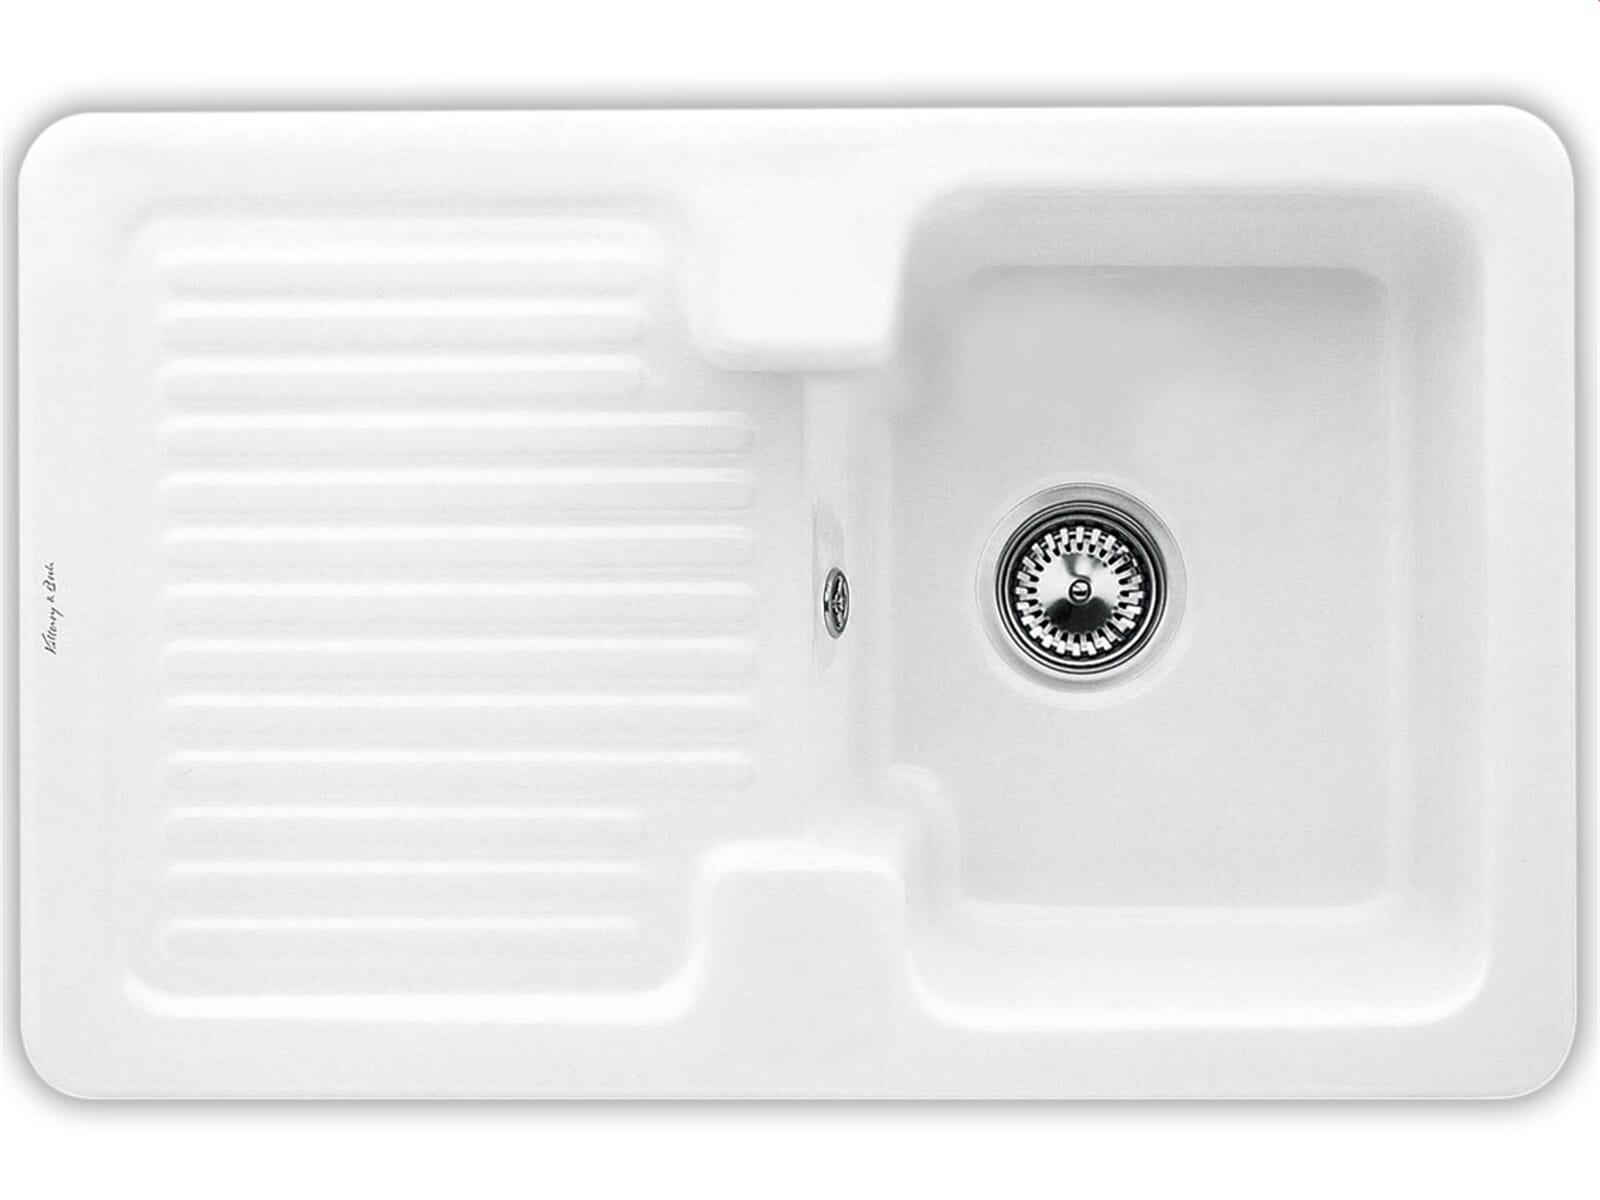 Villeroy & Boch Condor 45 Weiß (alpin) - 6745 01 R1 Keramikspüle Handbetätigung